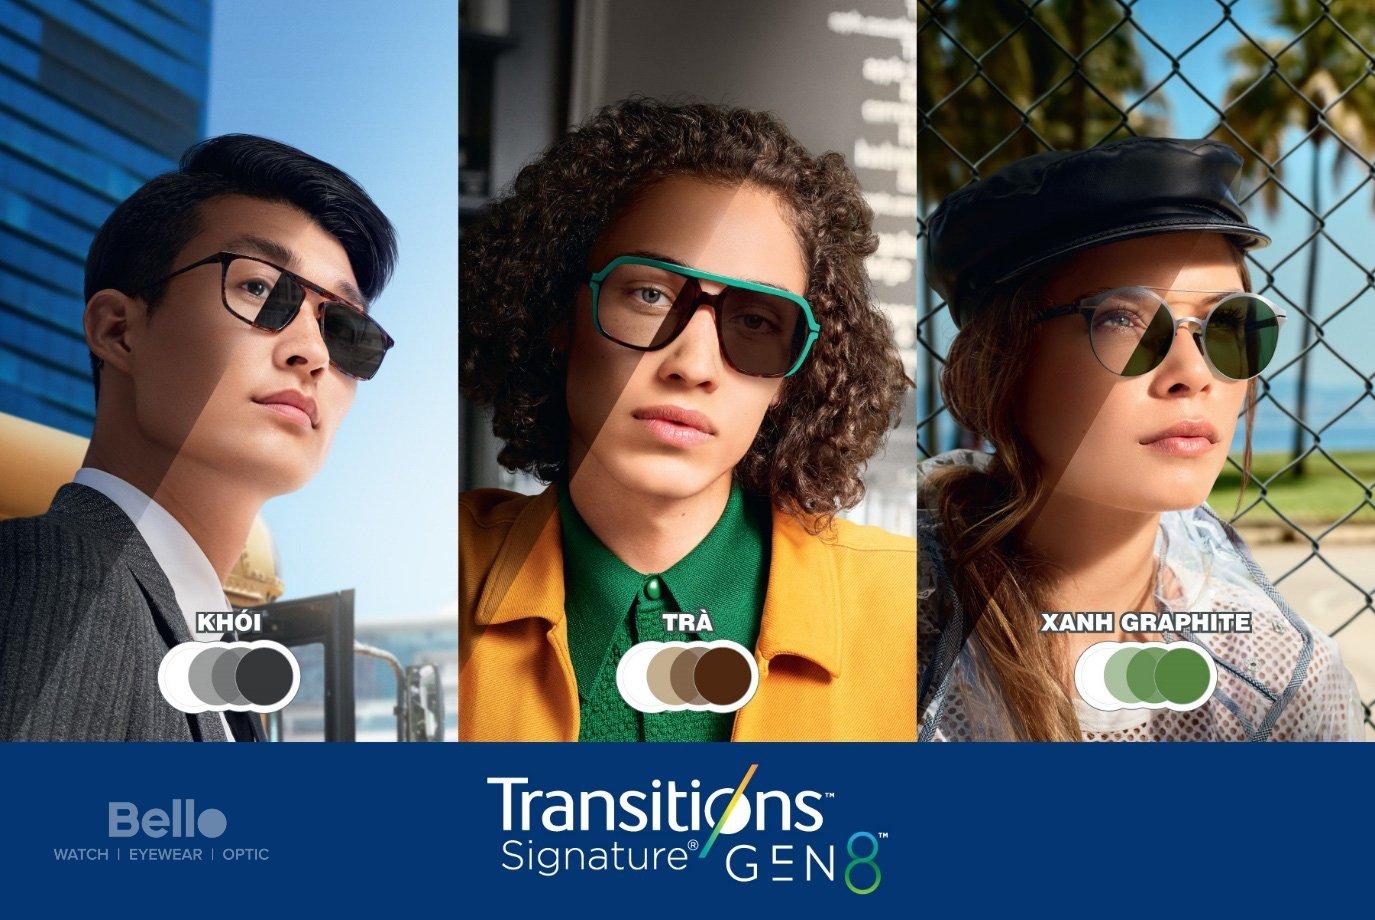 Tròng kính đổi màu Essilor Transitions Gen 8 Màu Khói, Xanh Graphite, Trà